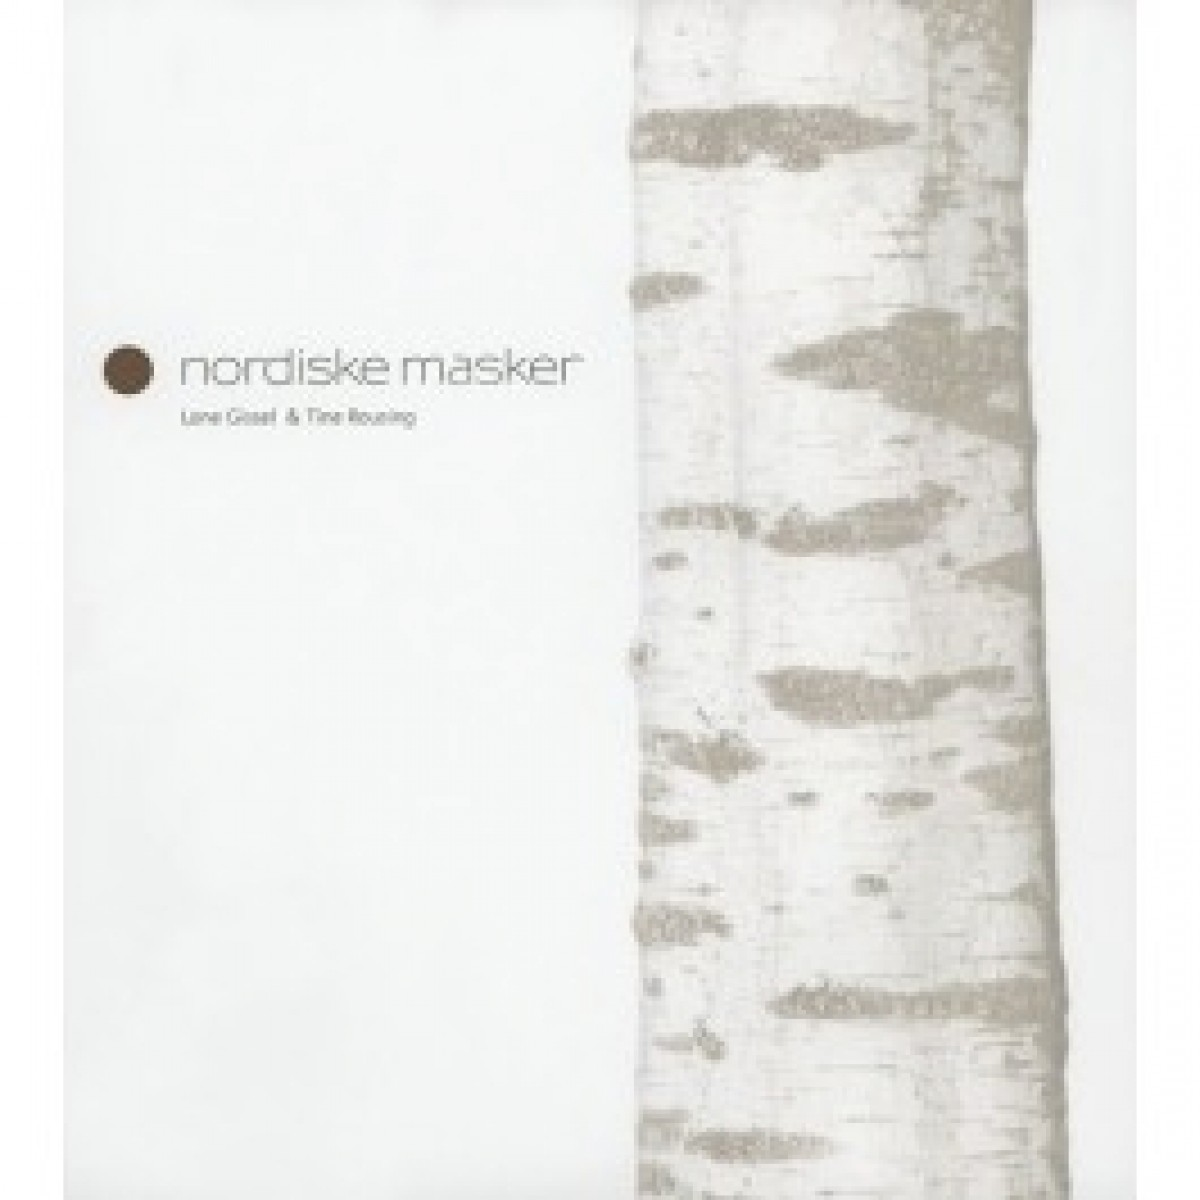 Nordiske masker-32